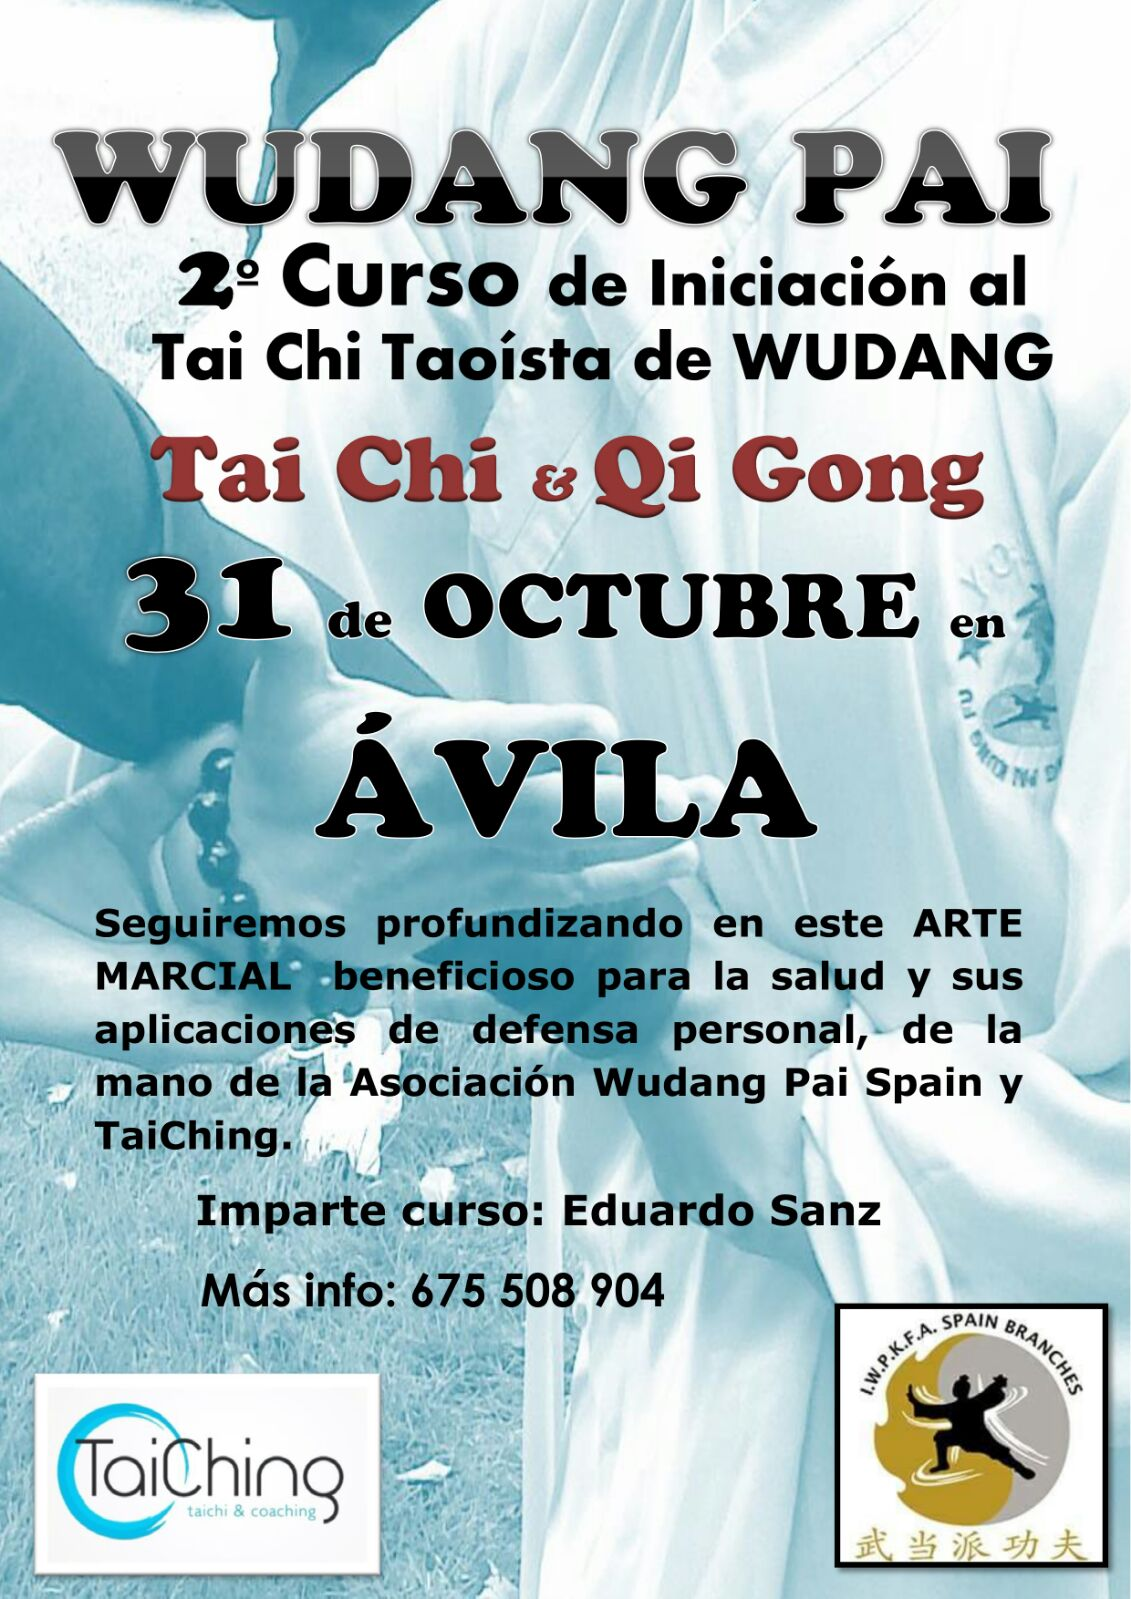 Nuevo curso de Tai Chi y Qi Gong en Ávila